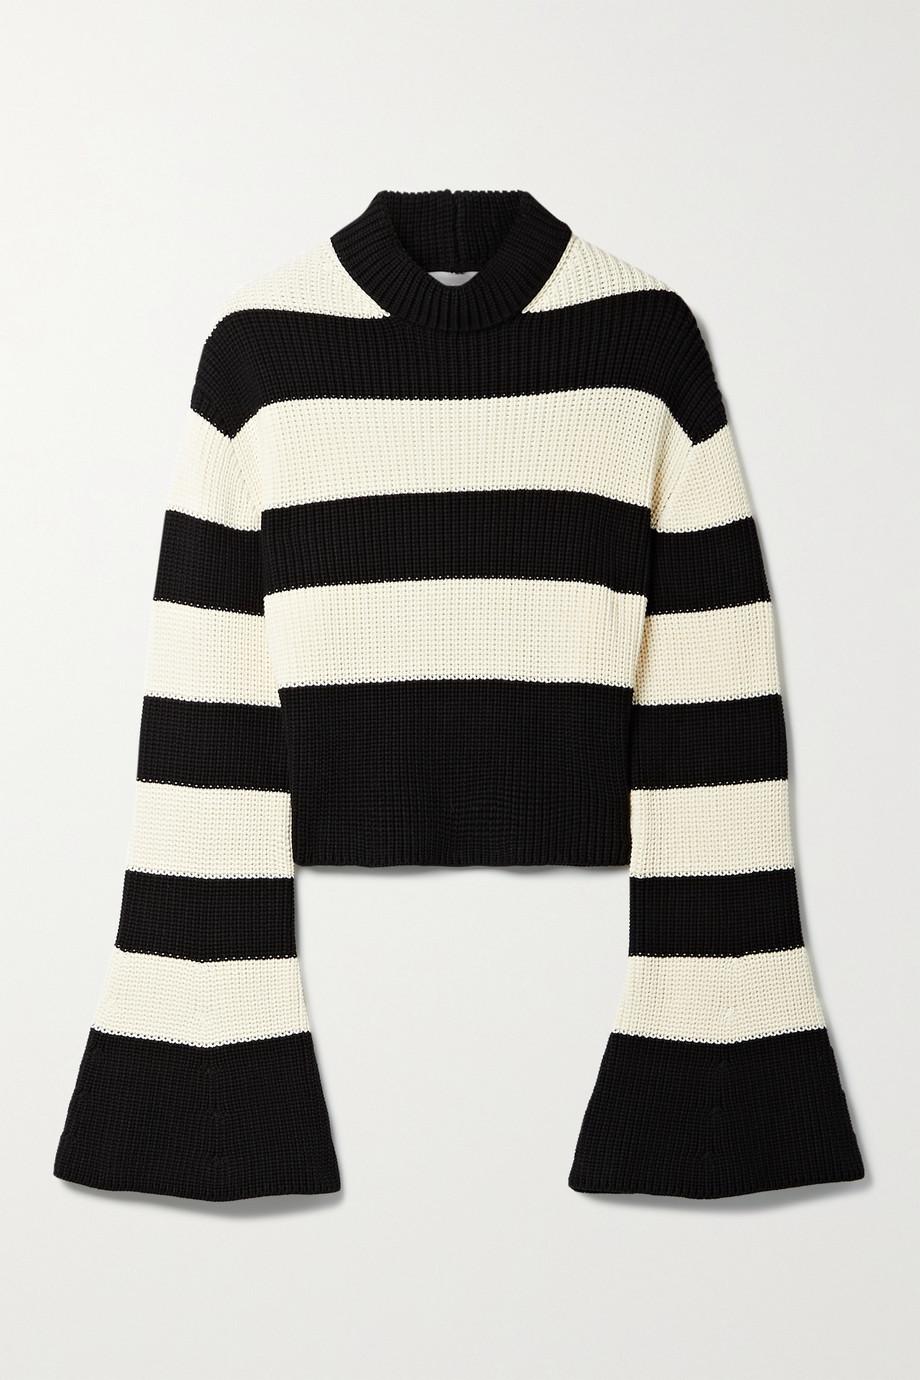 TRE by Natalie Ratabesi The Alice verkürzter Pullover aus Baumwolle mit Streifen